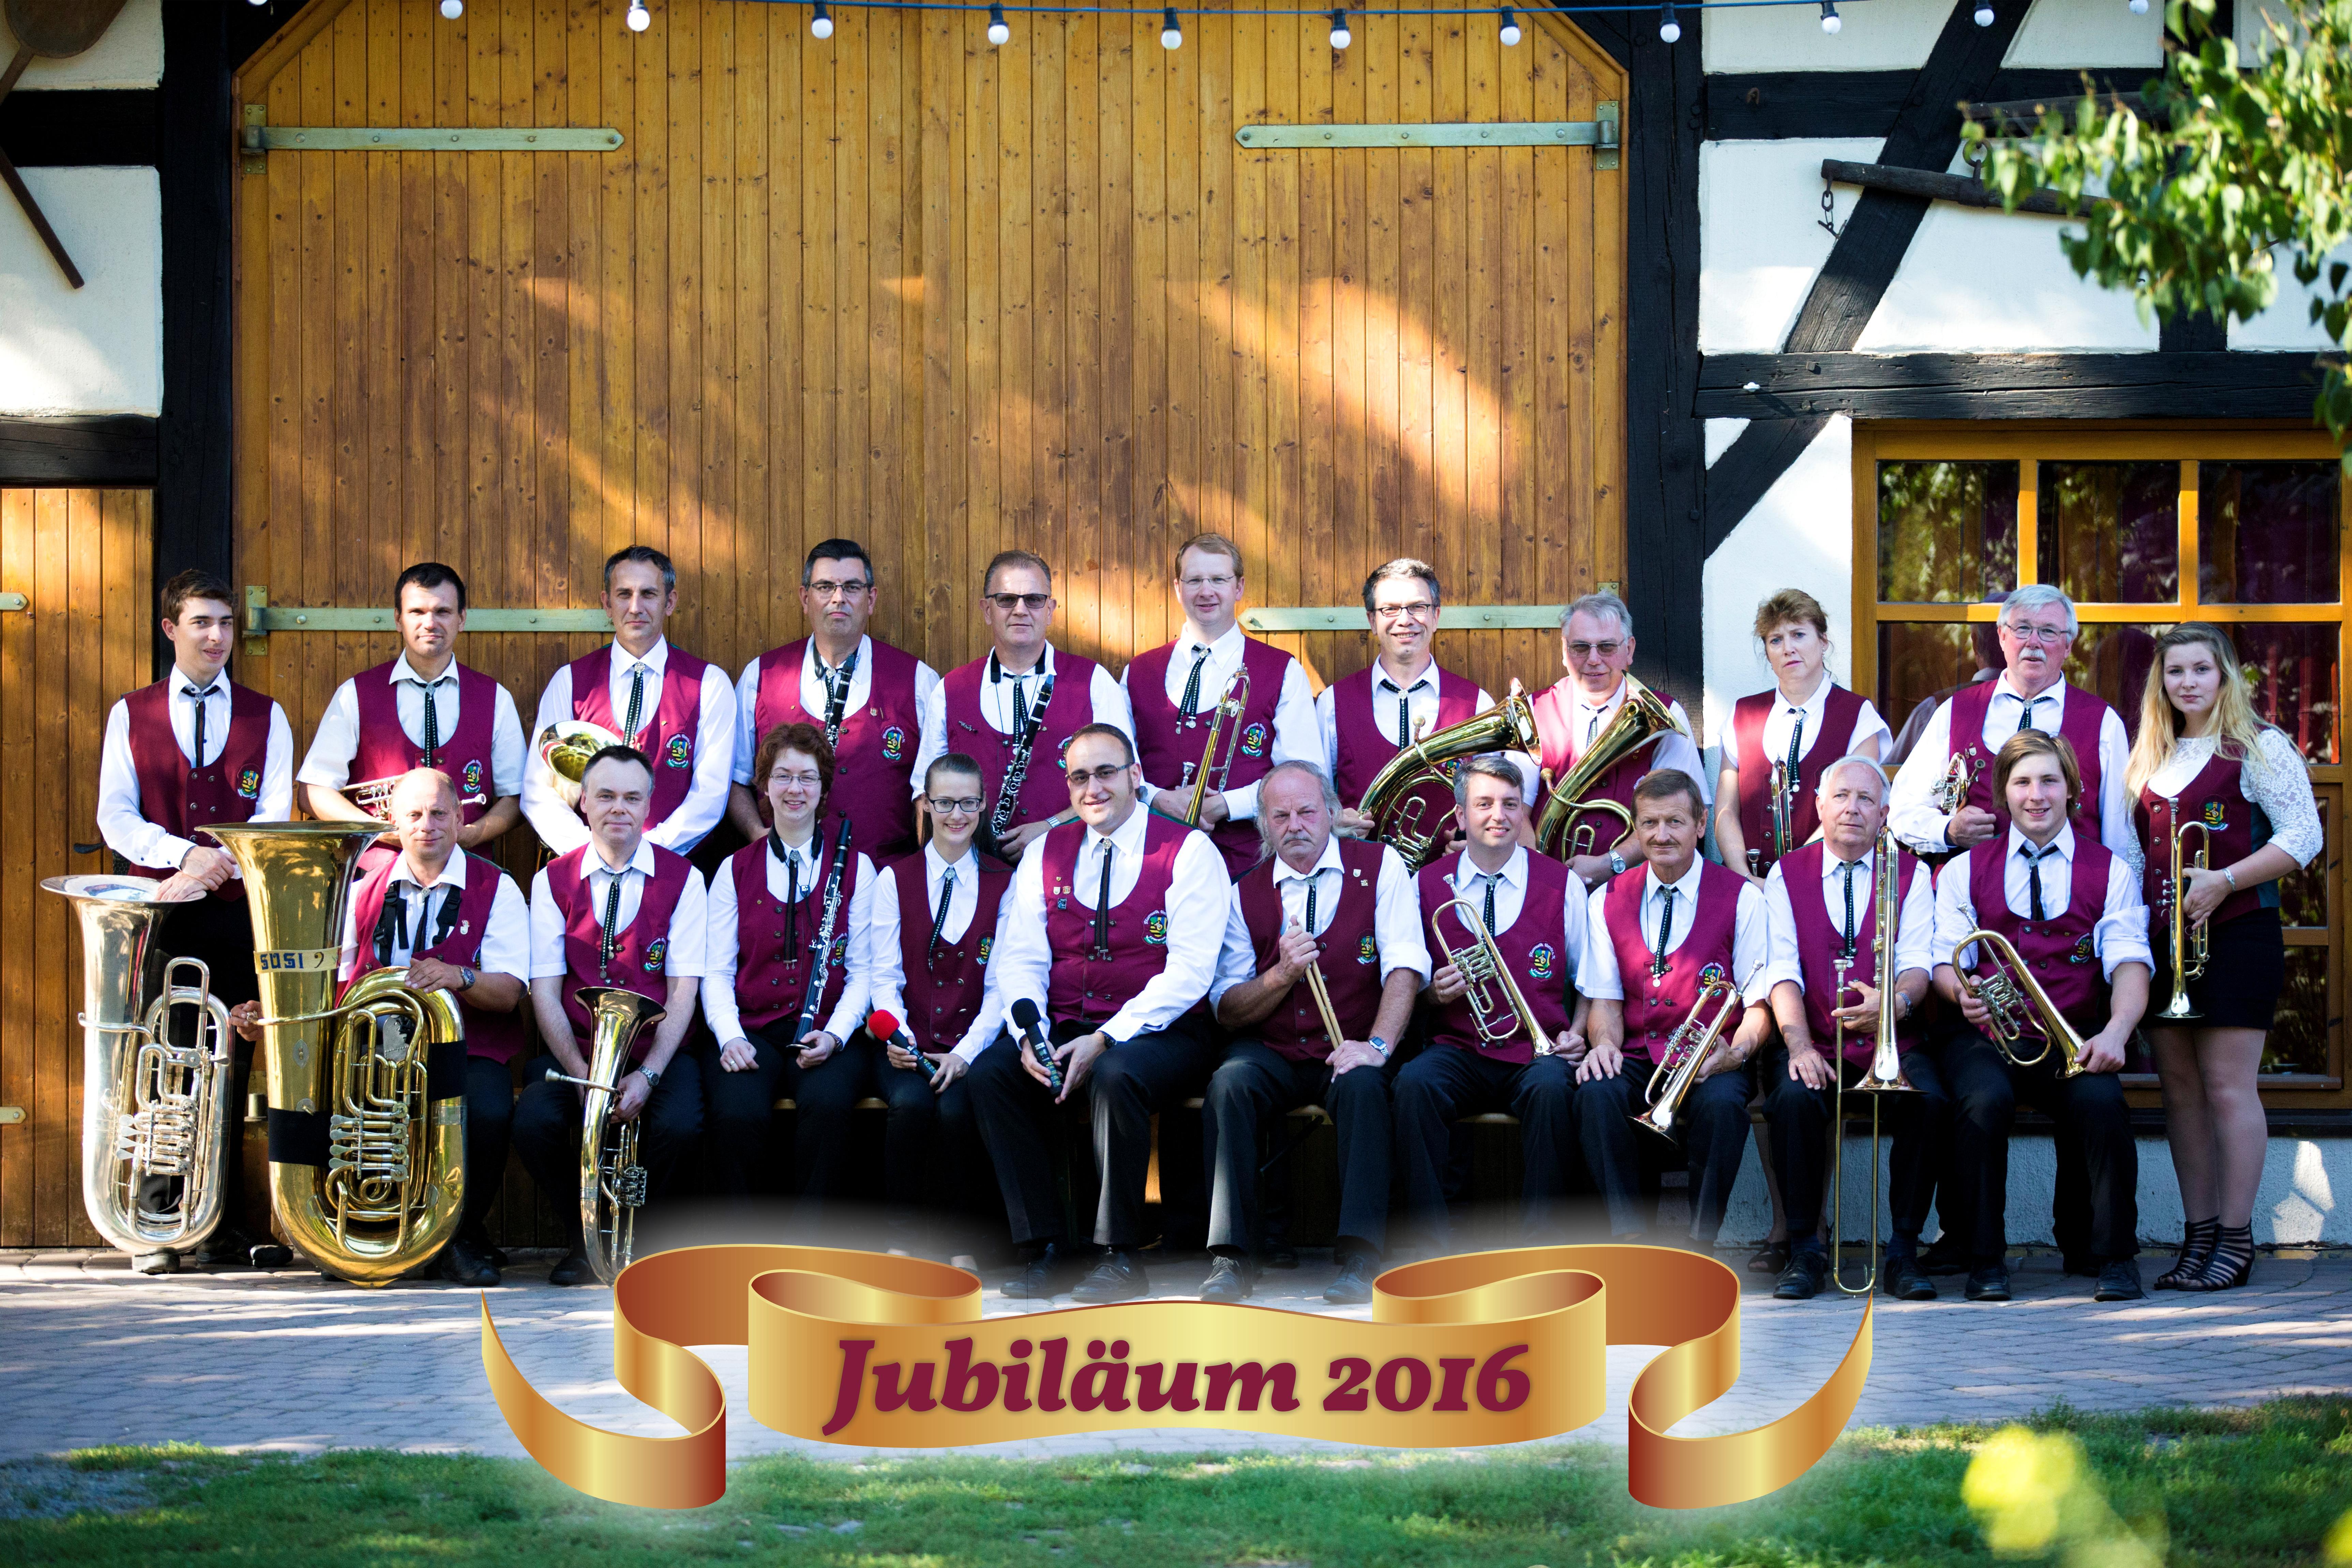 Jubiläum 2016 Blasmusikverein Schenkenberg e.V.